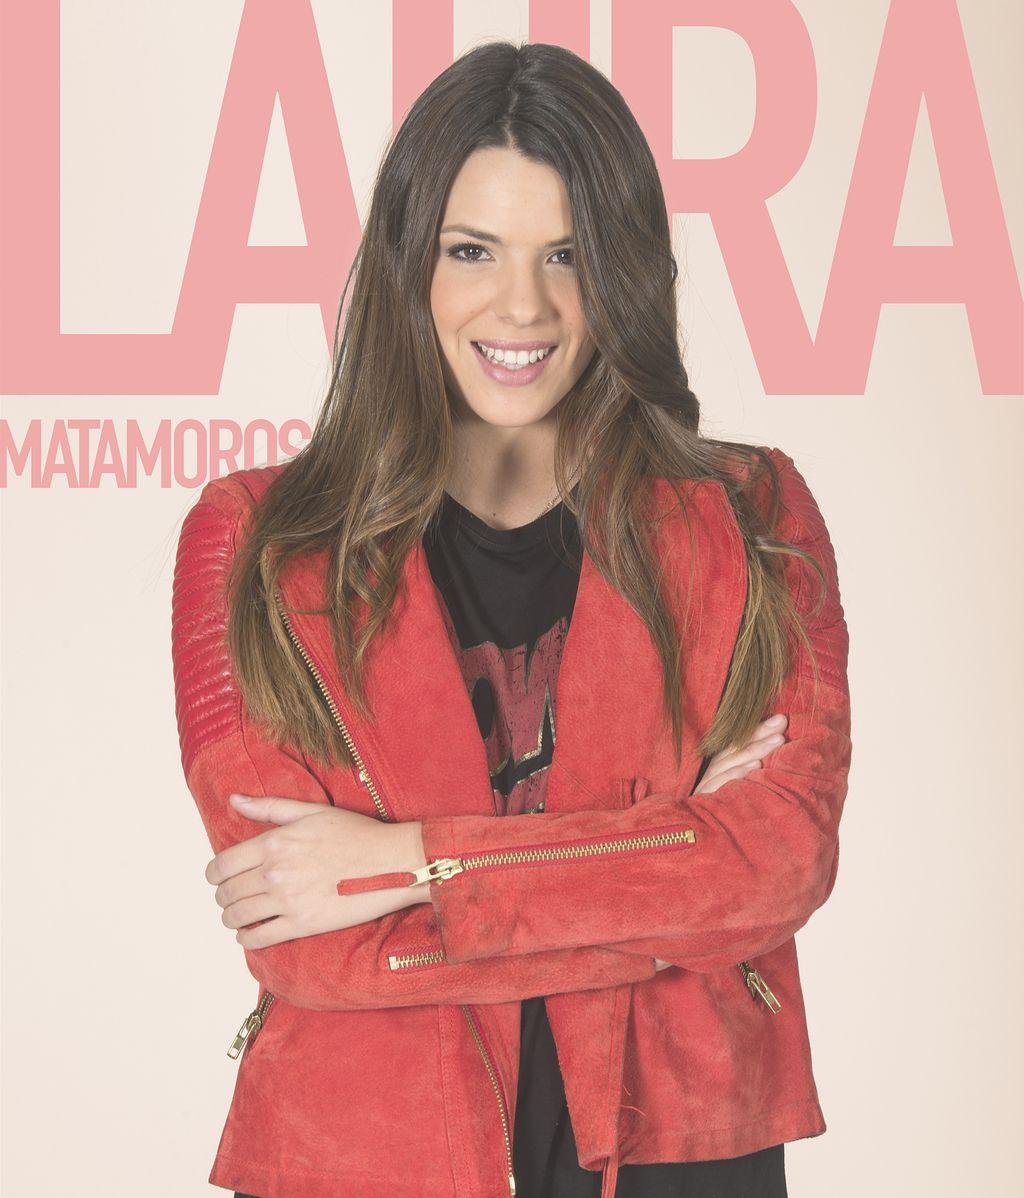 """Laura Matamoros llega a Guadalix con pareja y """"muy enamorada"""""""